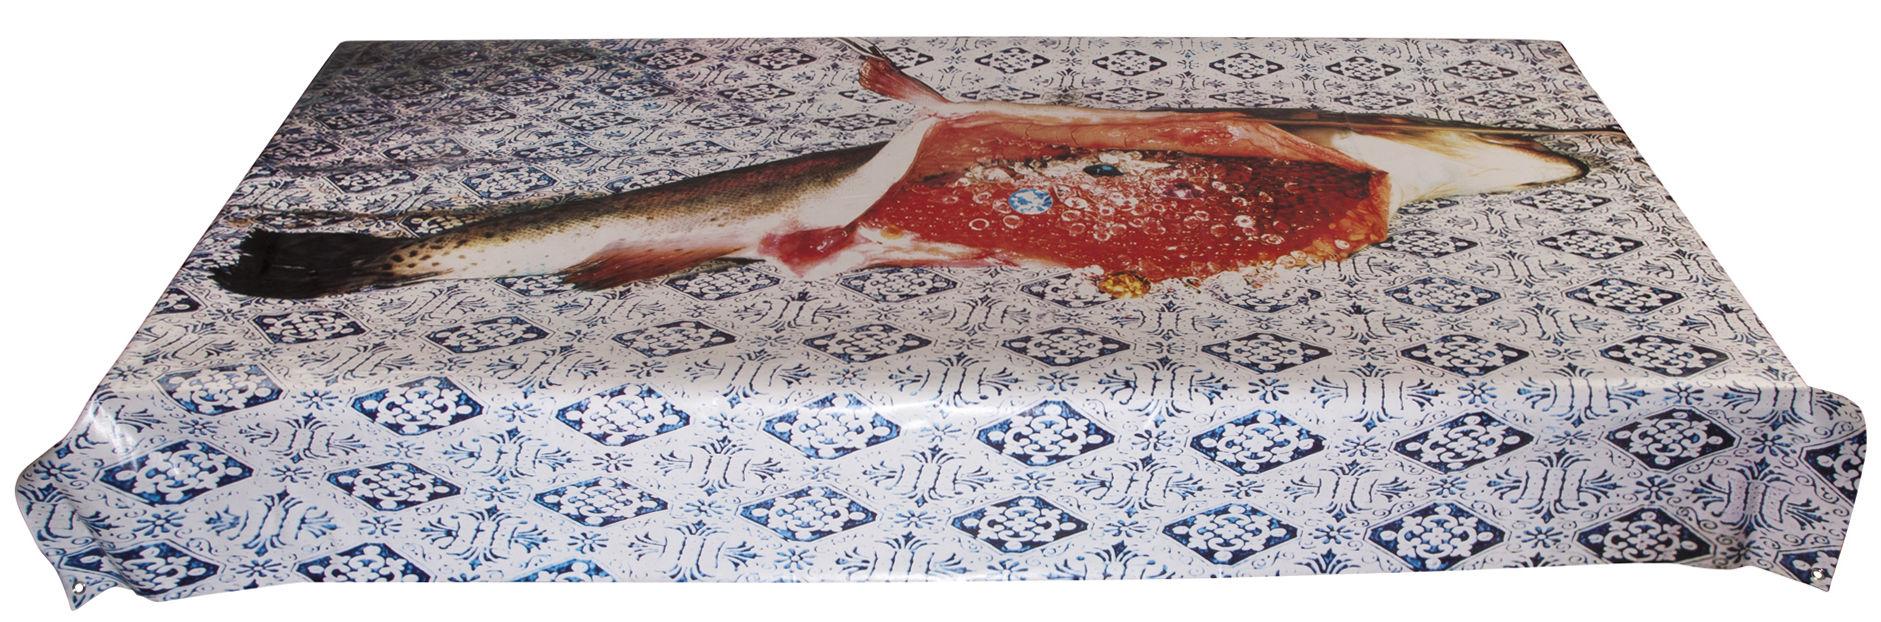 Arts de la table - Nappes, serviettes et sets - Nappe Toiletpaper - Poisson / 210 x 140 cm - Seletti - Poisson - Toile cirée